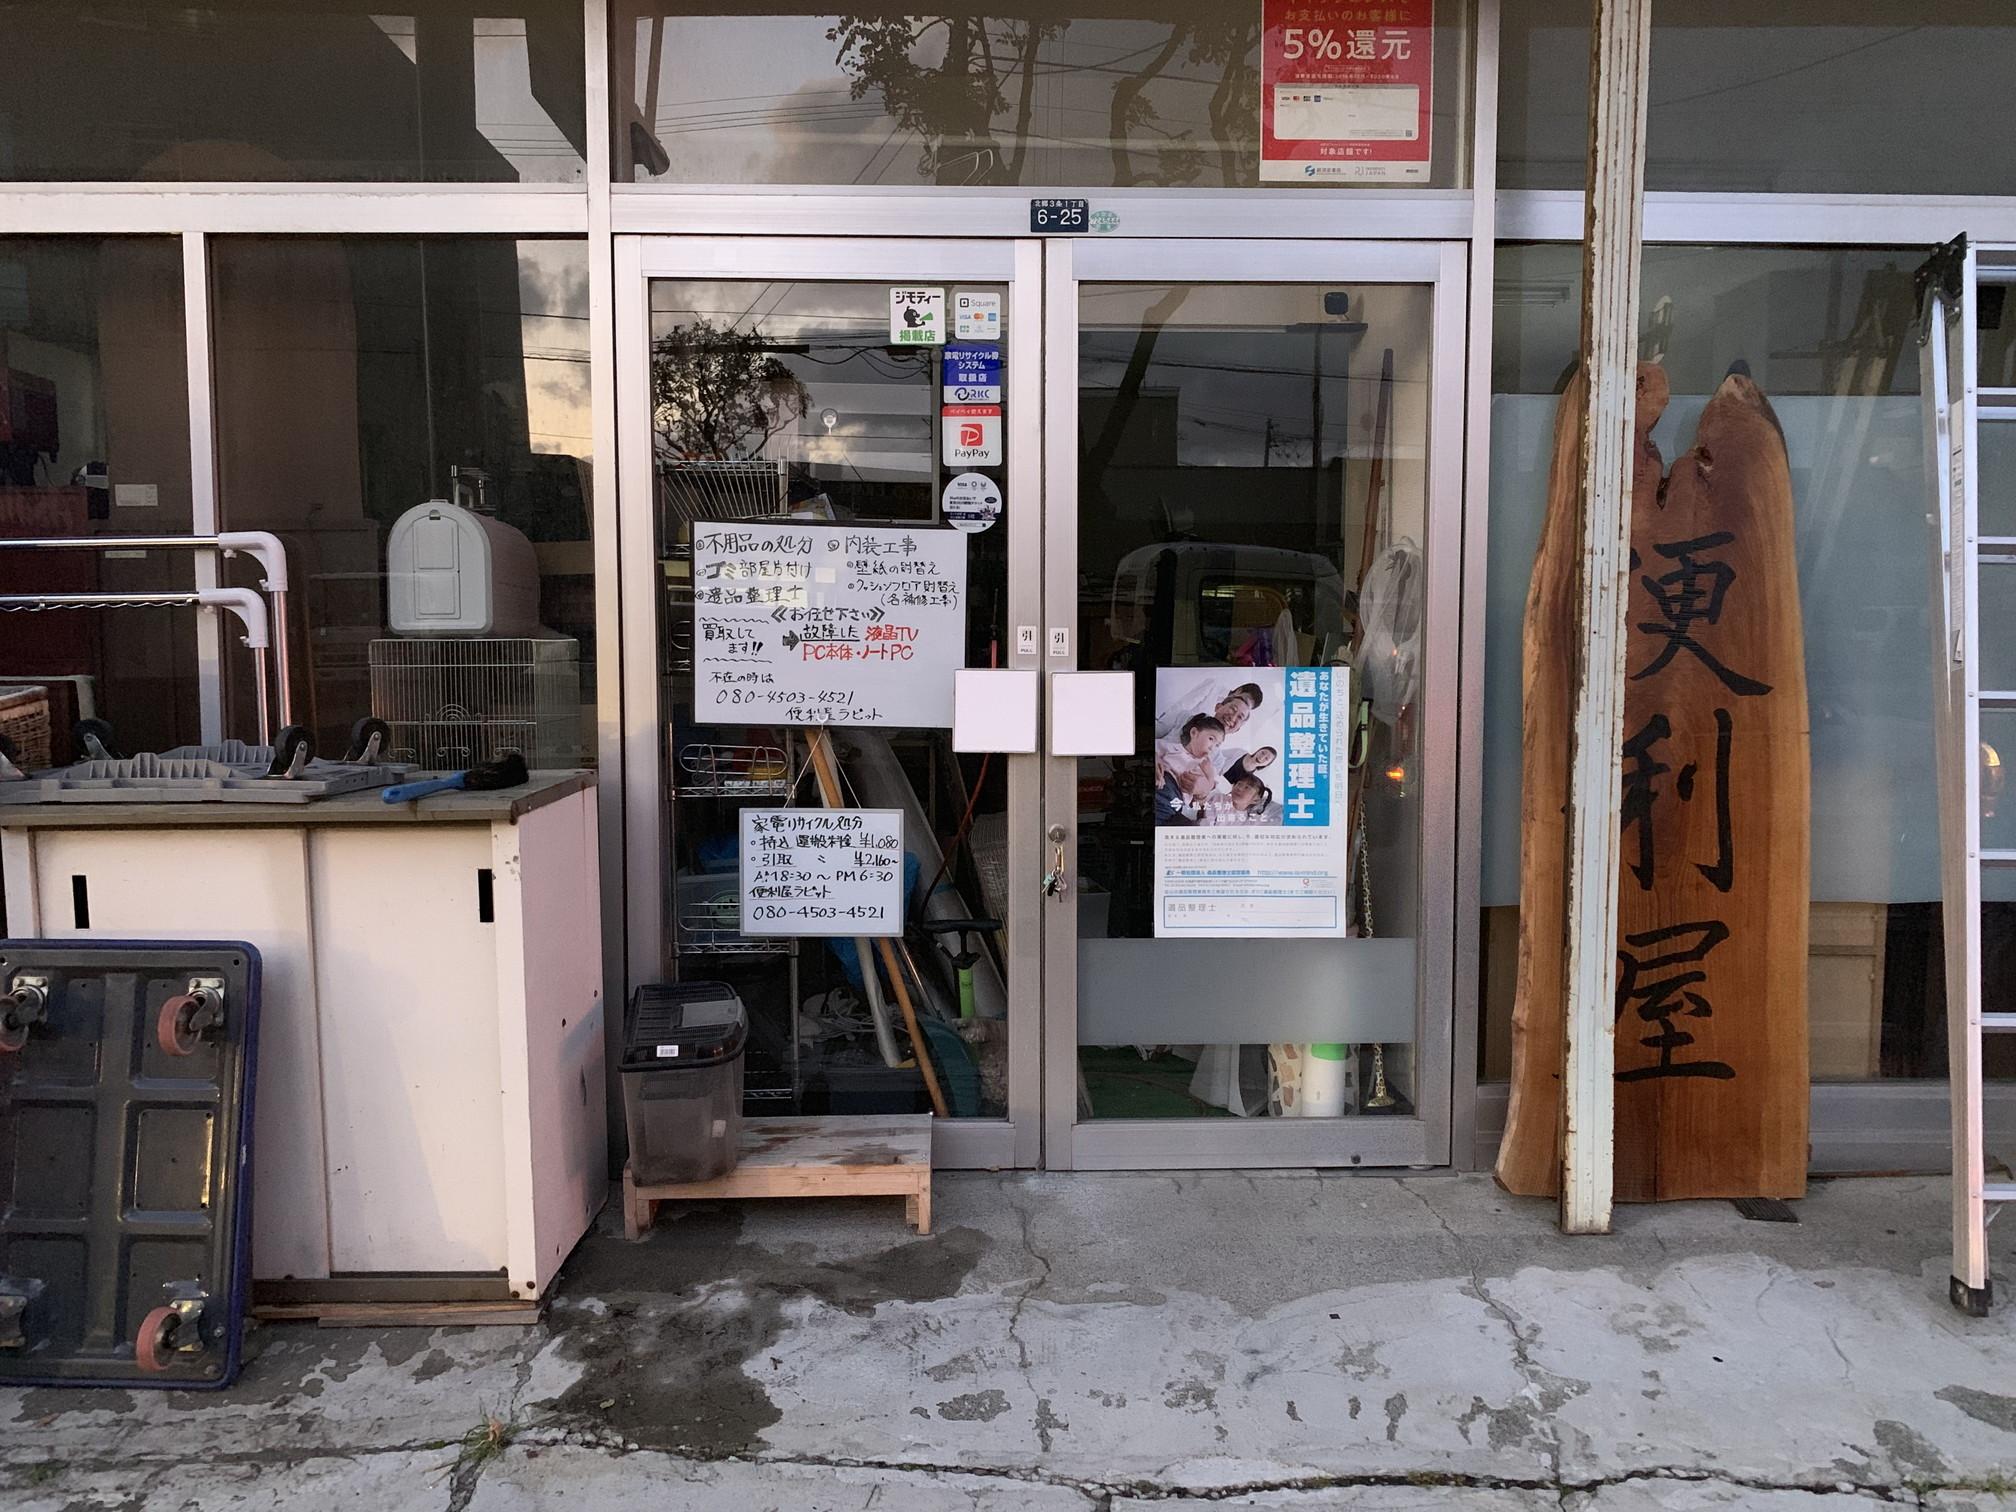 札幌市中央区の便利屋